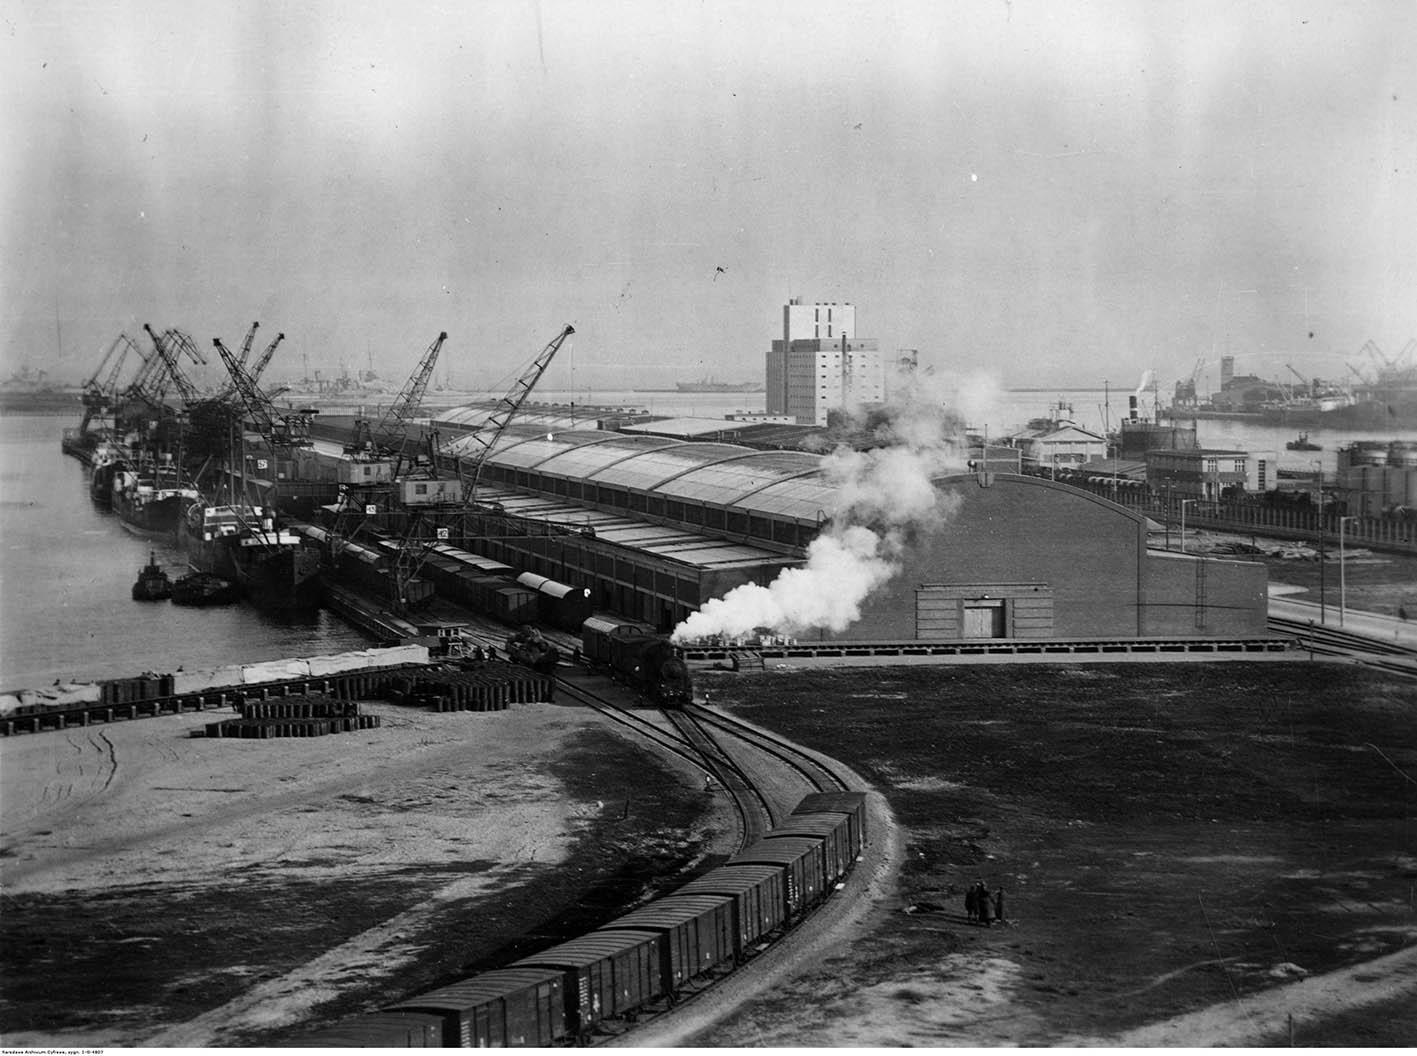 Pociągi towarowe, dźwigi portowe, budynki magazynowe, statki cumujące przy nabrzeżu Stanów Zjednoczonych w strefie wolnocłowej.